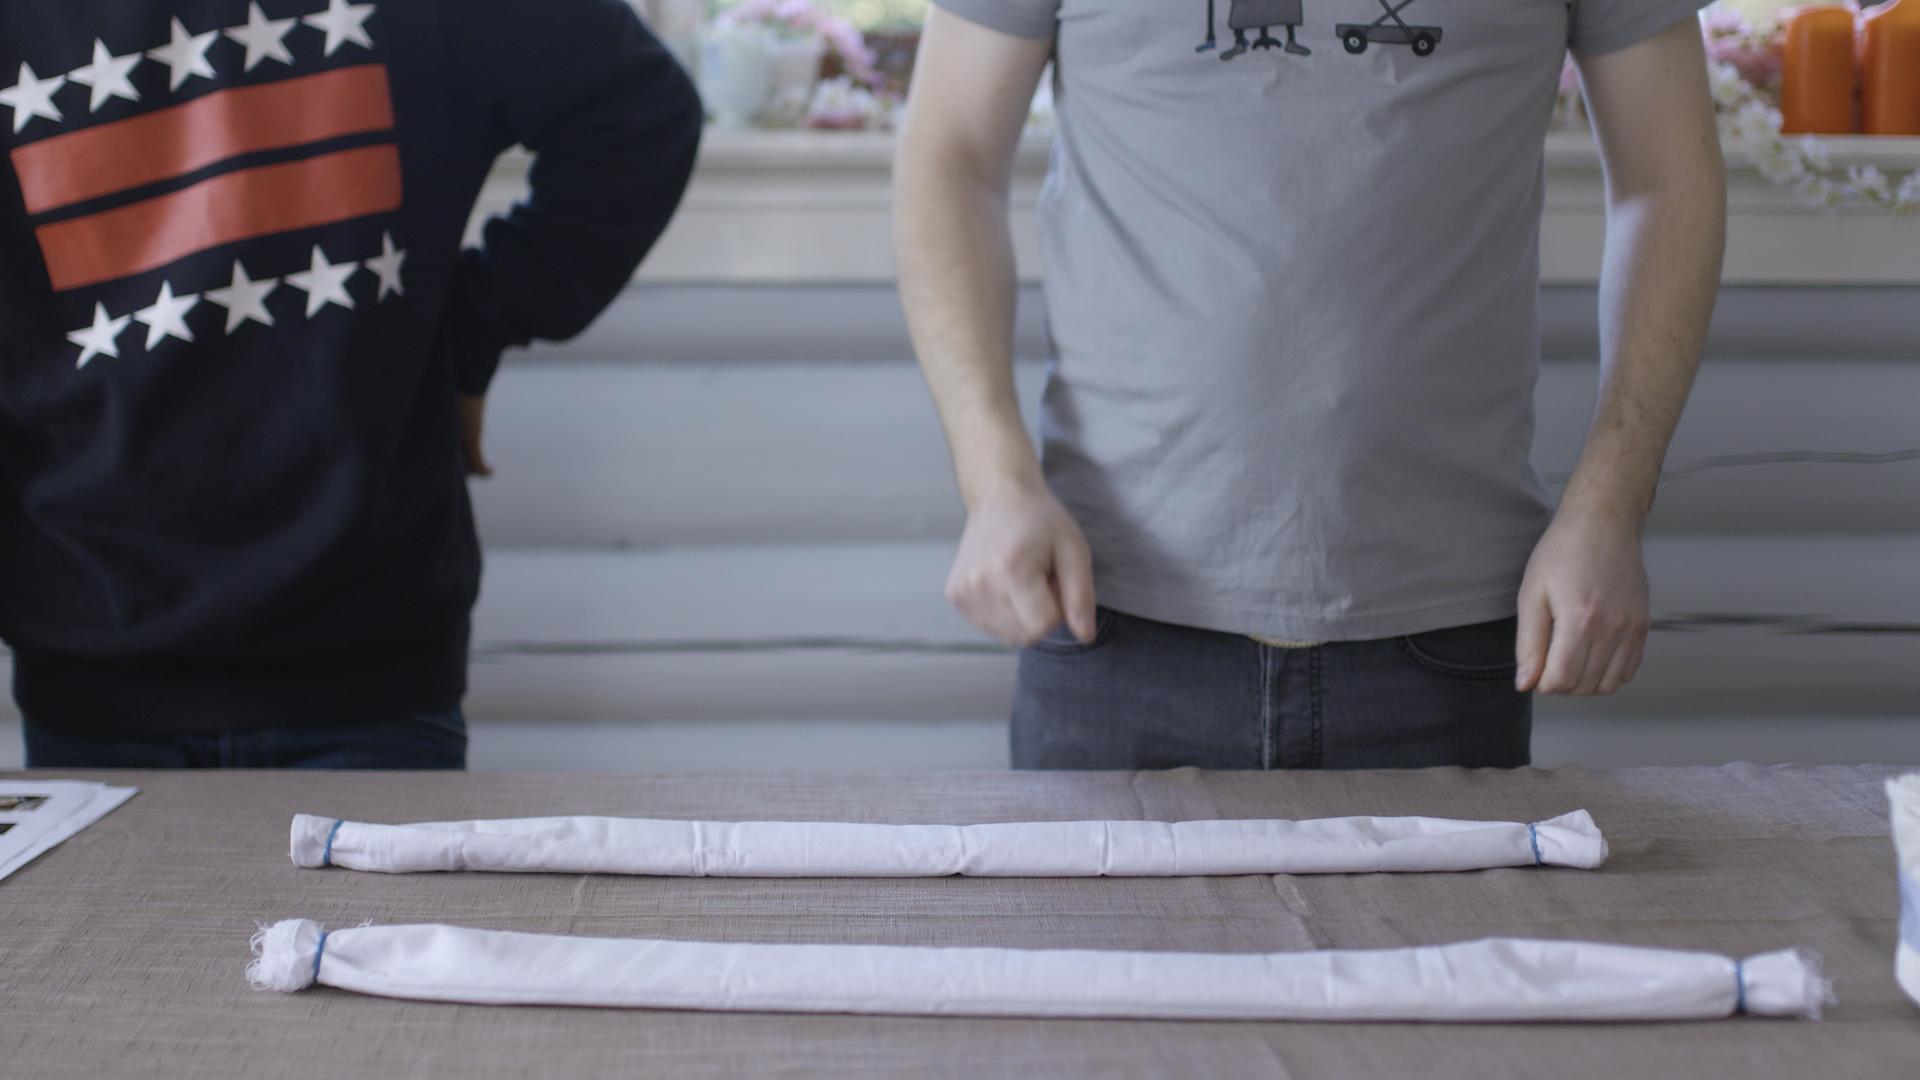 Brett en gasklut flere ganger og legg press på hver brett slik at den blir jevn og fin. Fest en strikk i hver ende av bleie slik at den holder seg sammenbrettet. Gjør dette med to kluter.